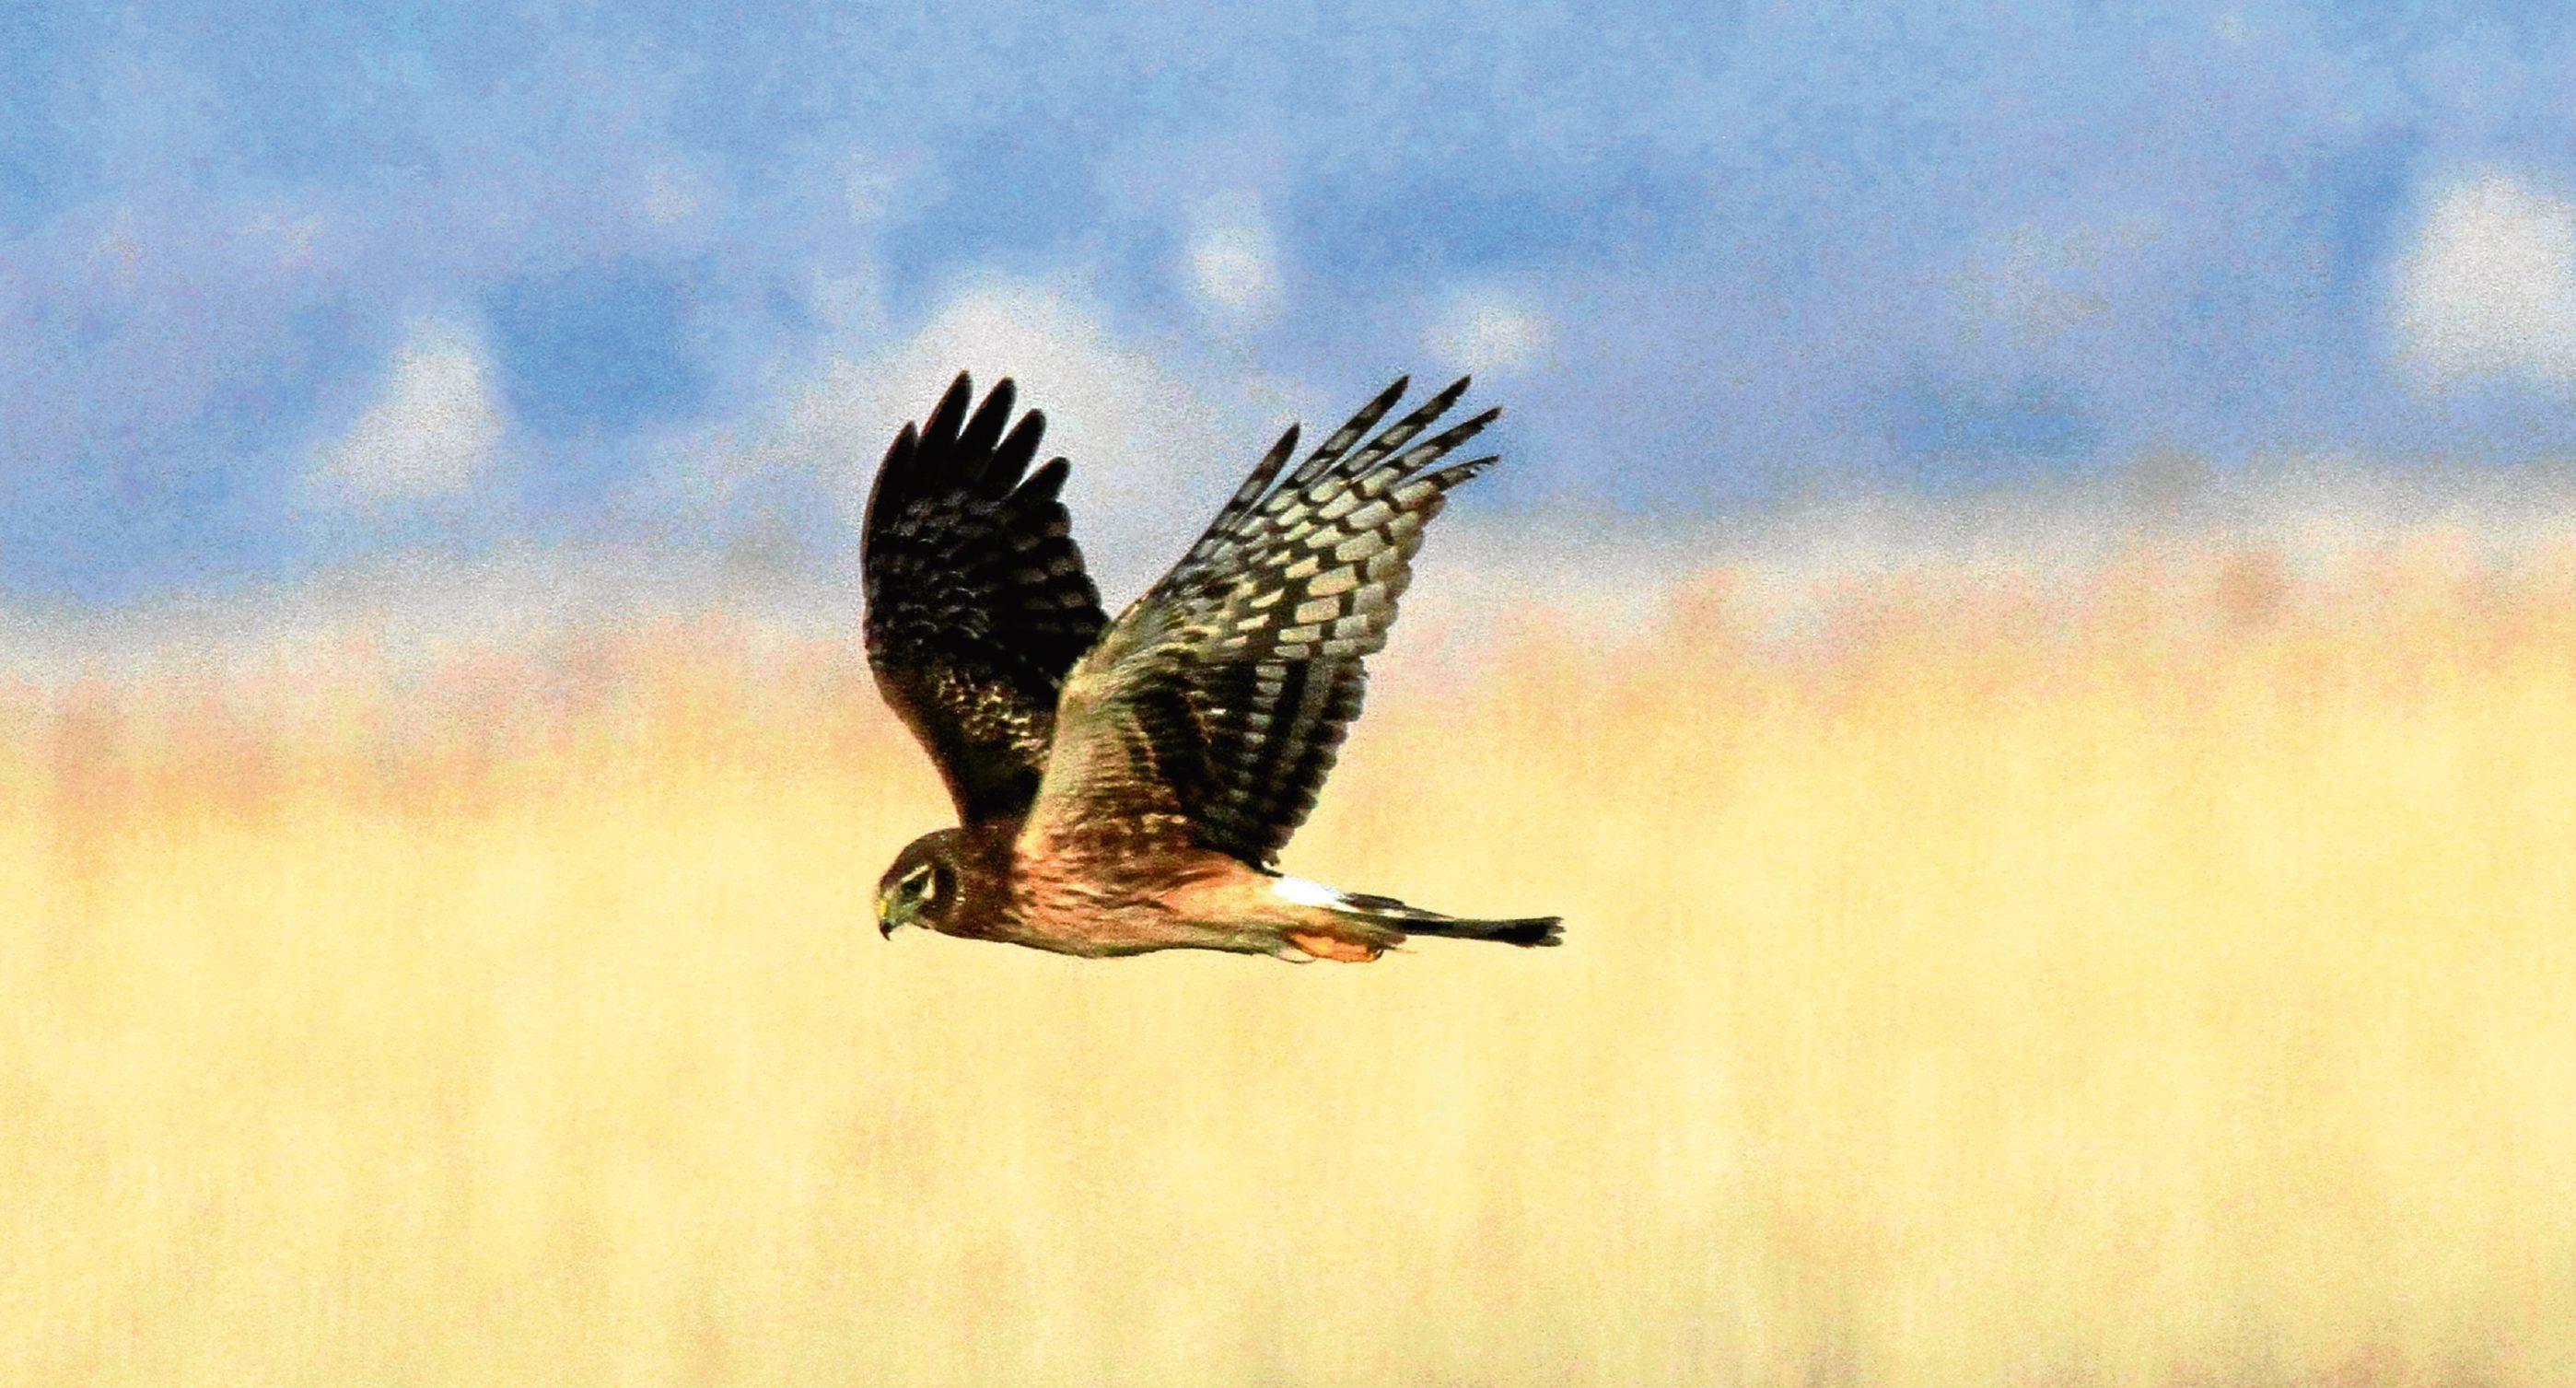 Northern Harrier Hen Harrier Circus cyaneus inflight Utah.